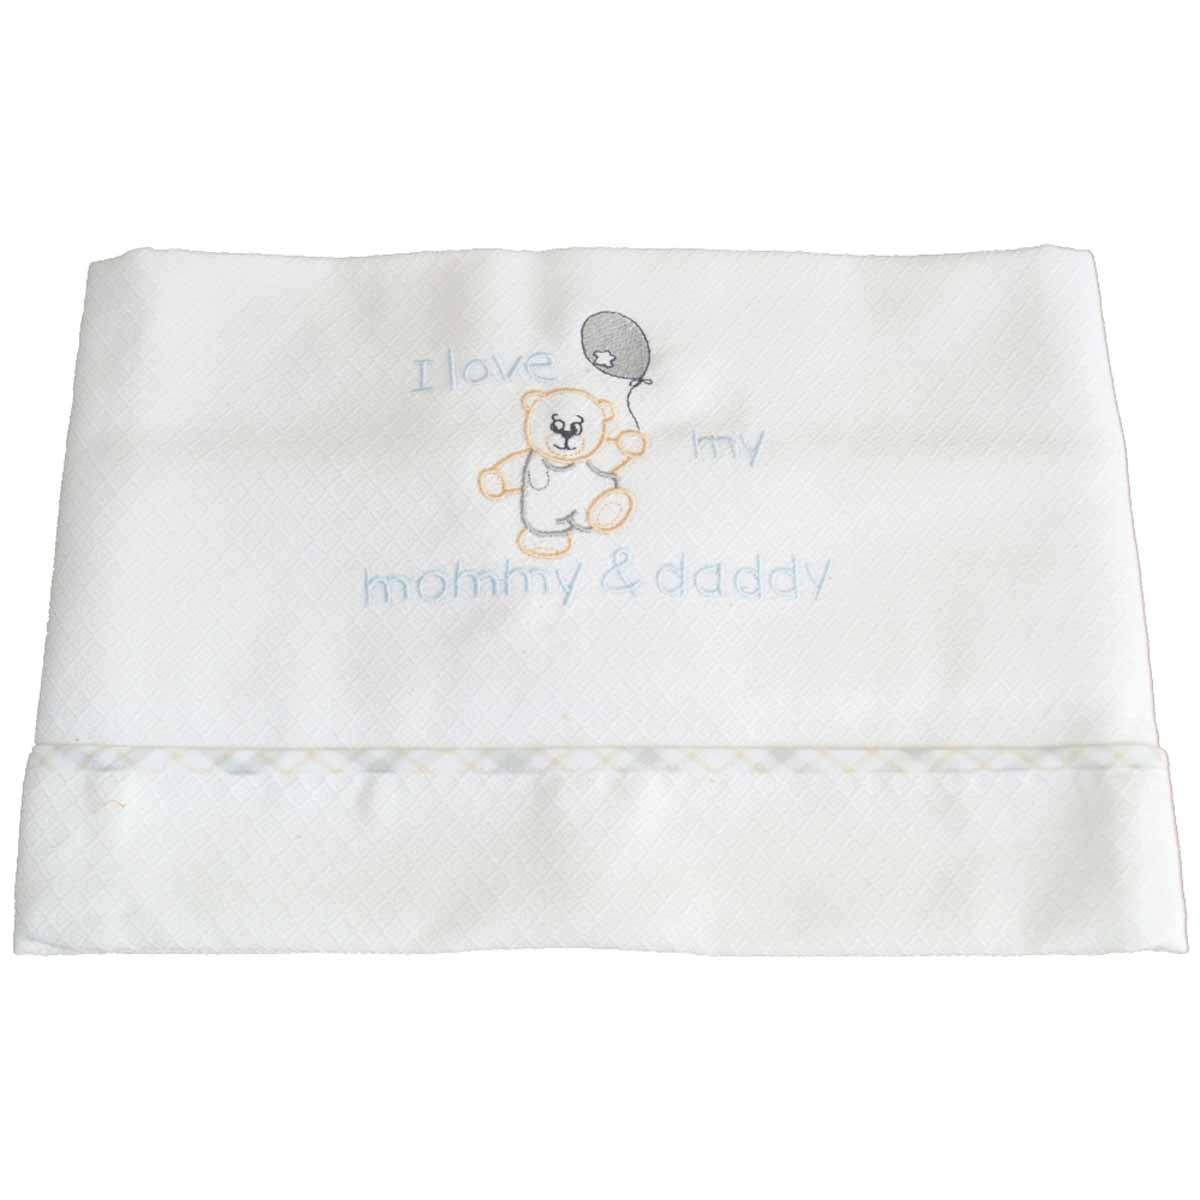 Κουβέρτα Πικέ Κούνιας Κόσμος Του Μωρού 0303 Love Γκρι-Μπεζ